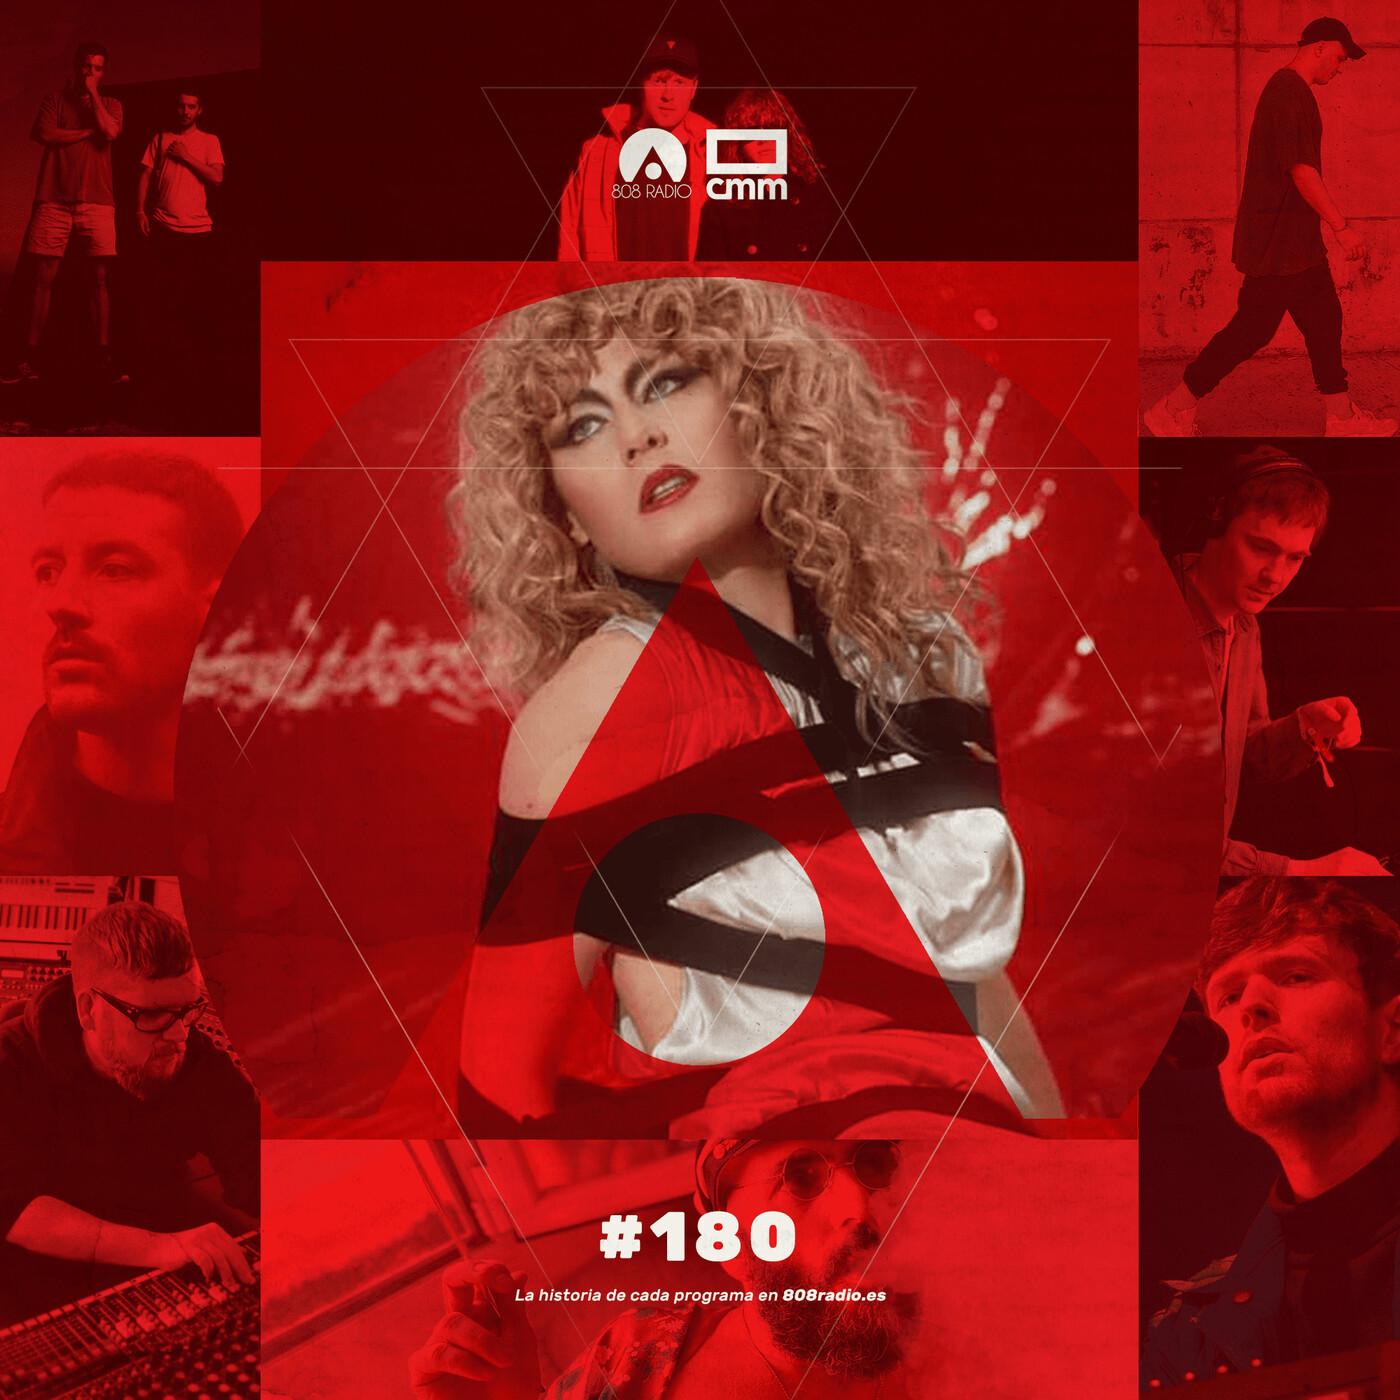 808 Radio #180 / Róisín Murphy / CMM Radio – 19/9/2020